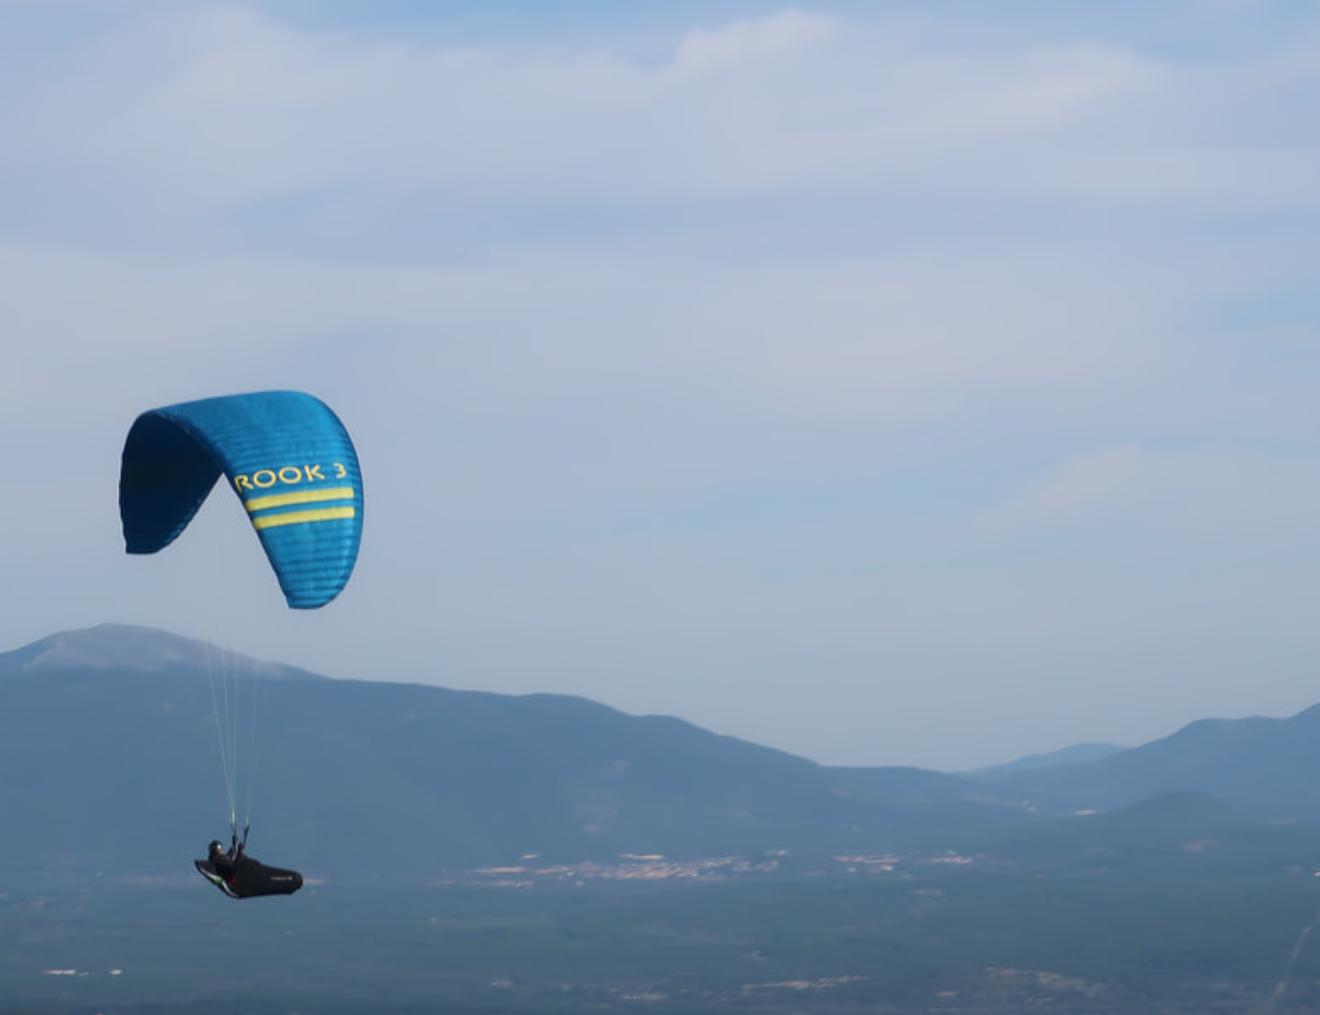 Triple Seven Paragliders ROOK 3 REVIEW: jaque a la segunda torre